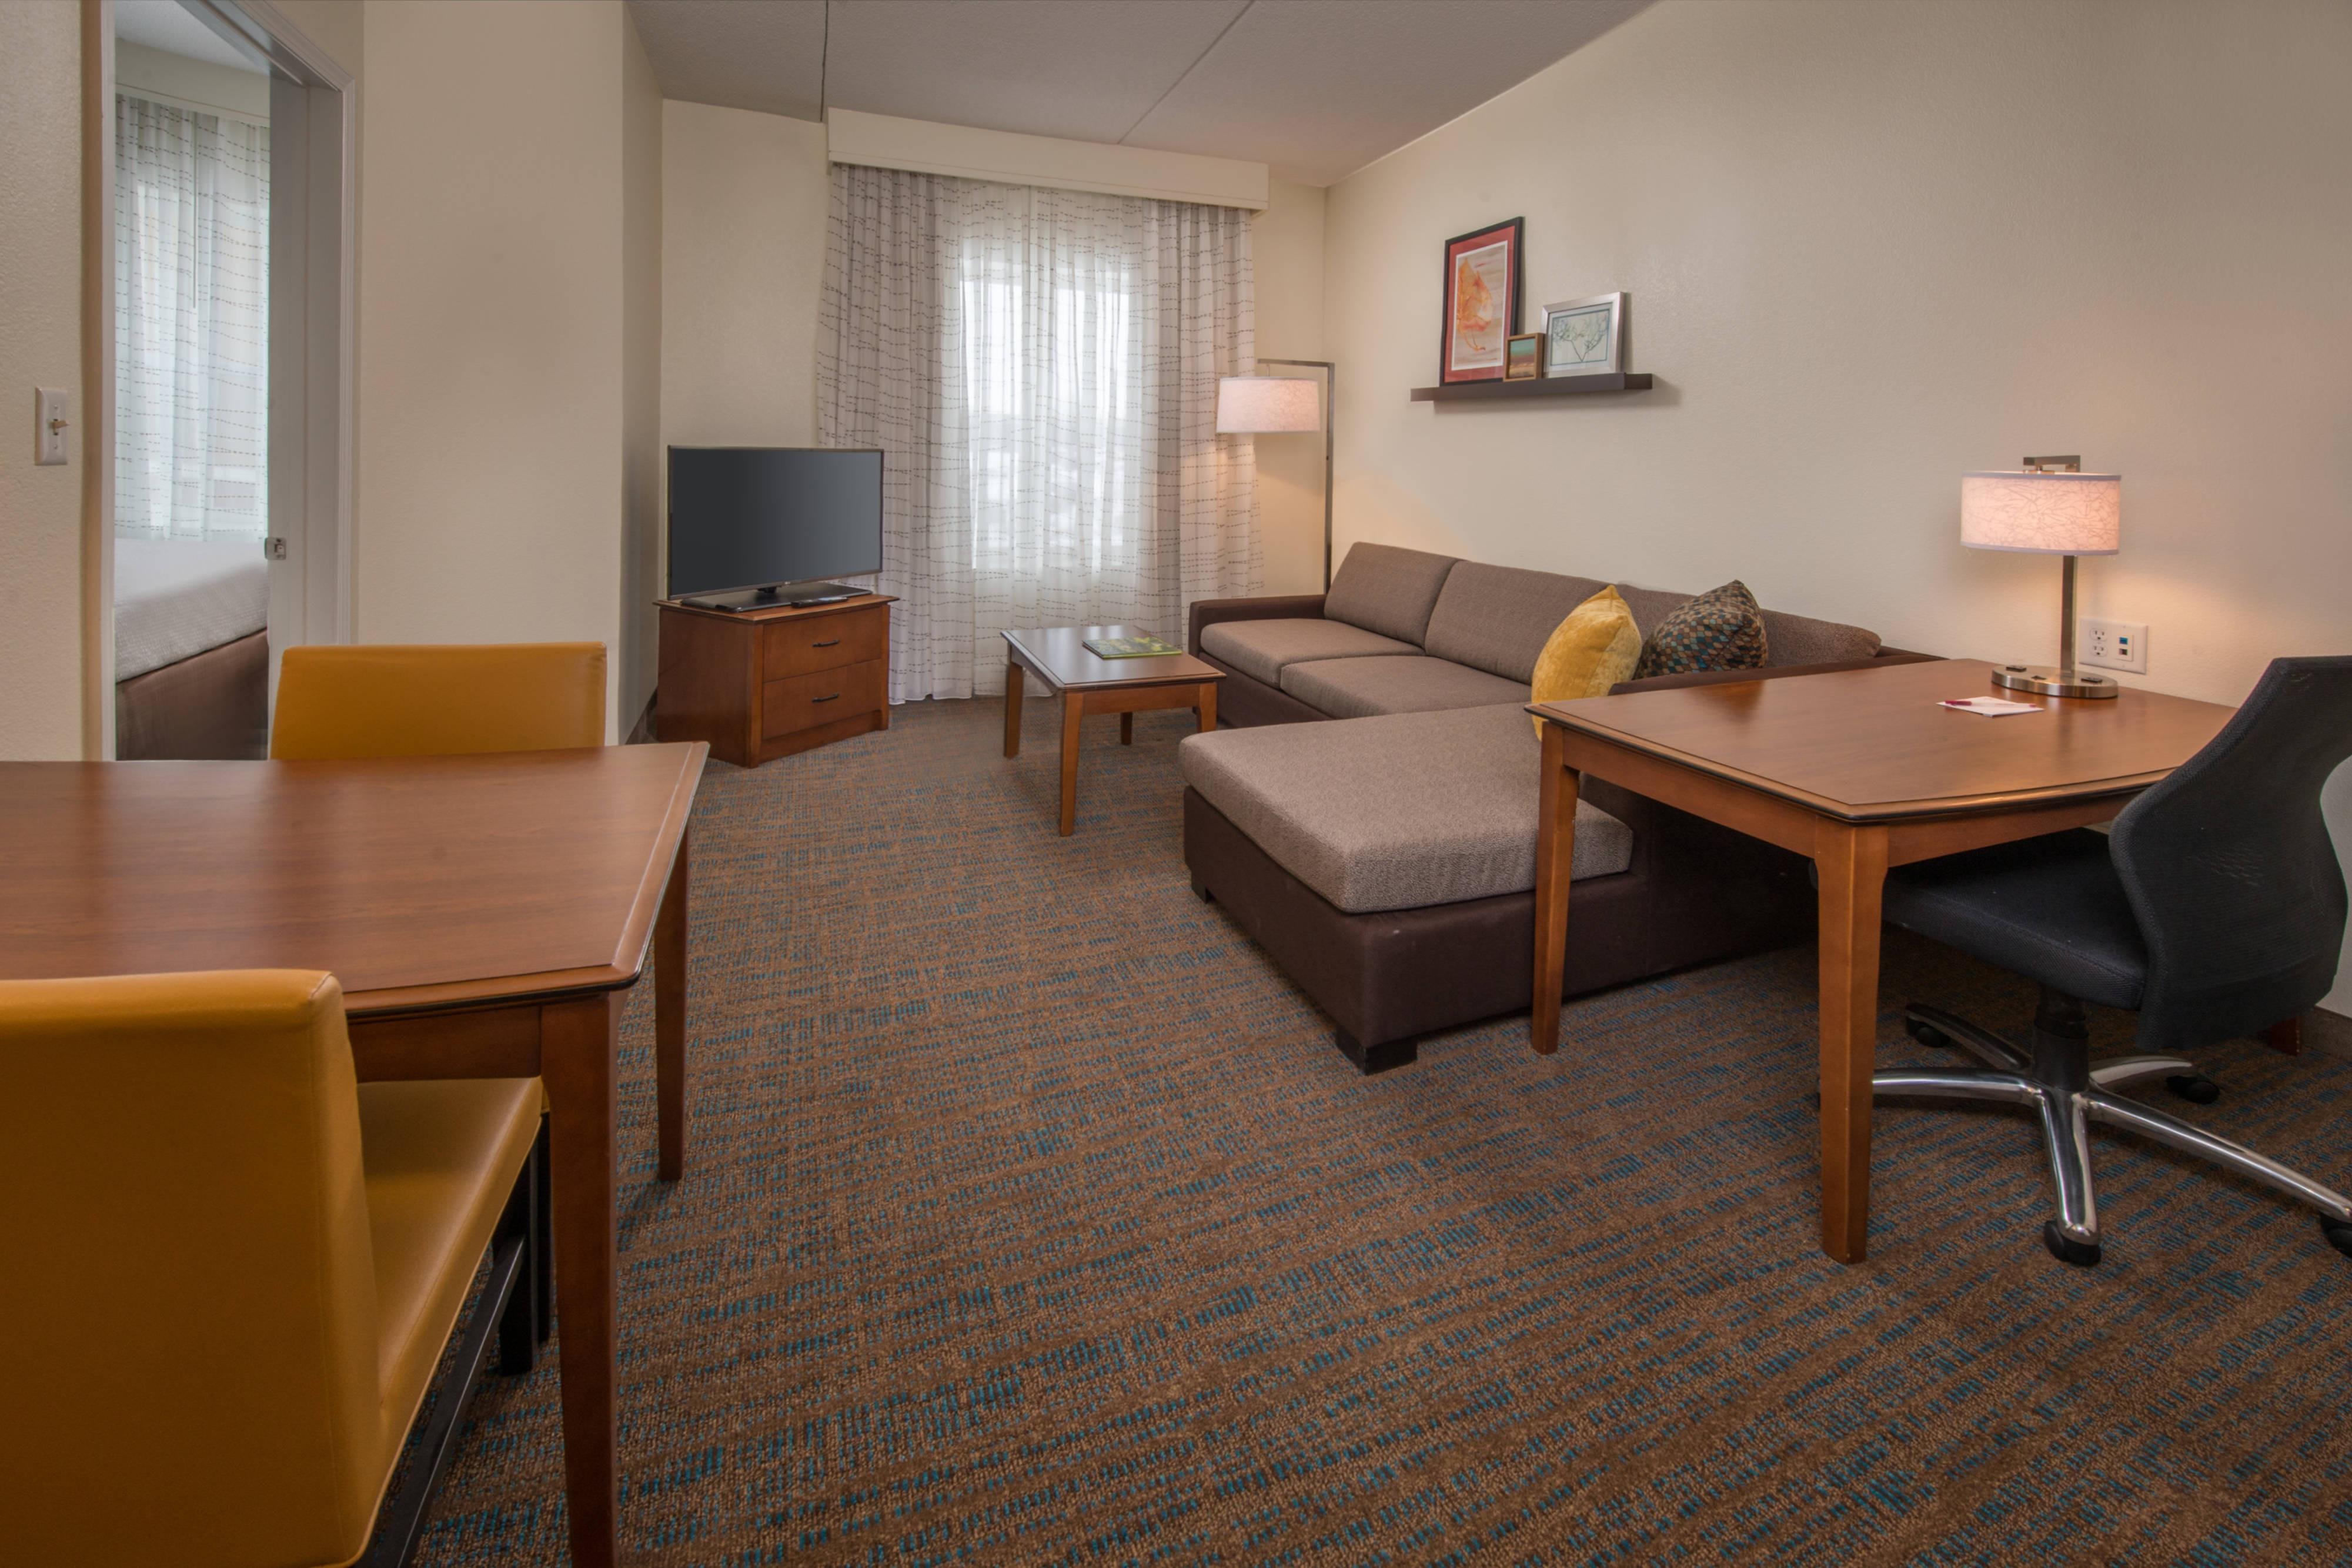 Suites in Chantilly, VA